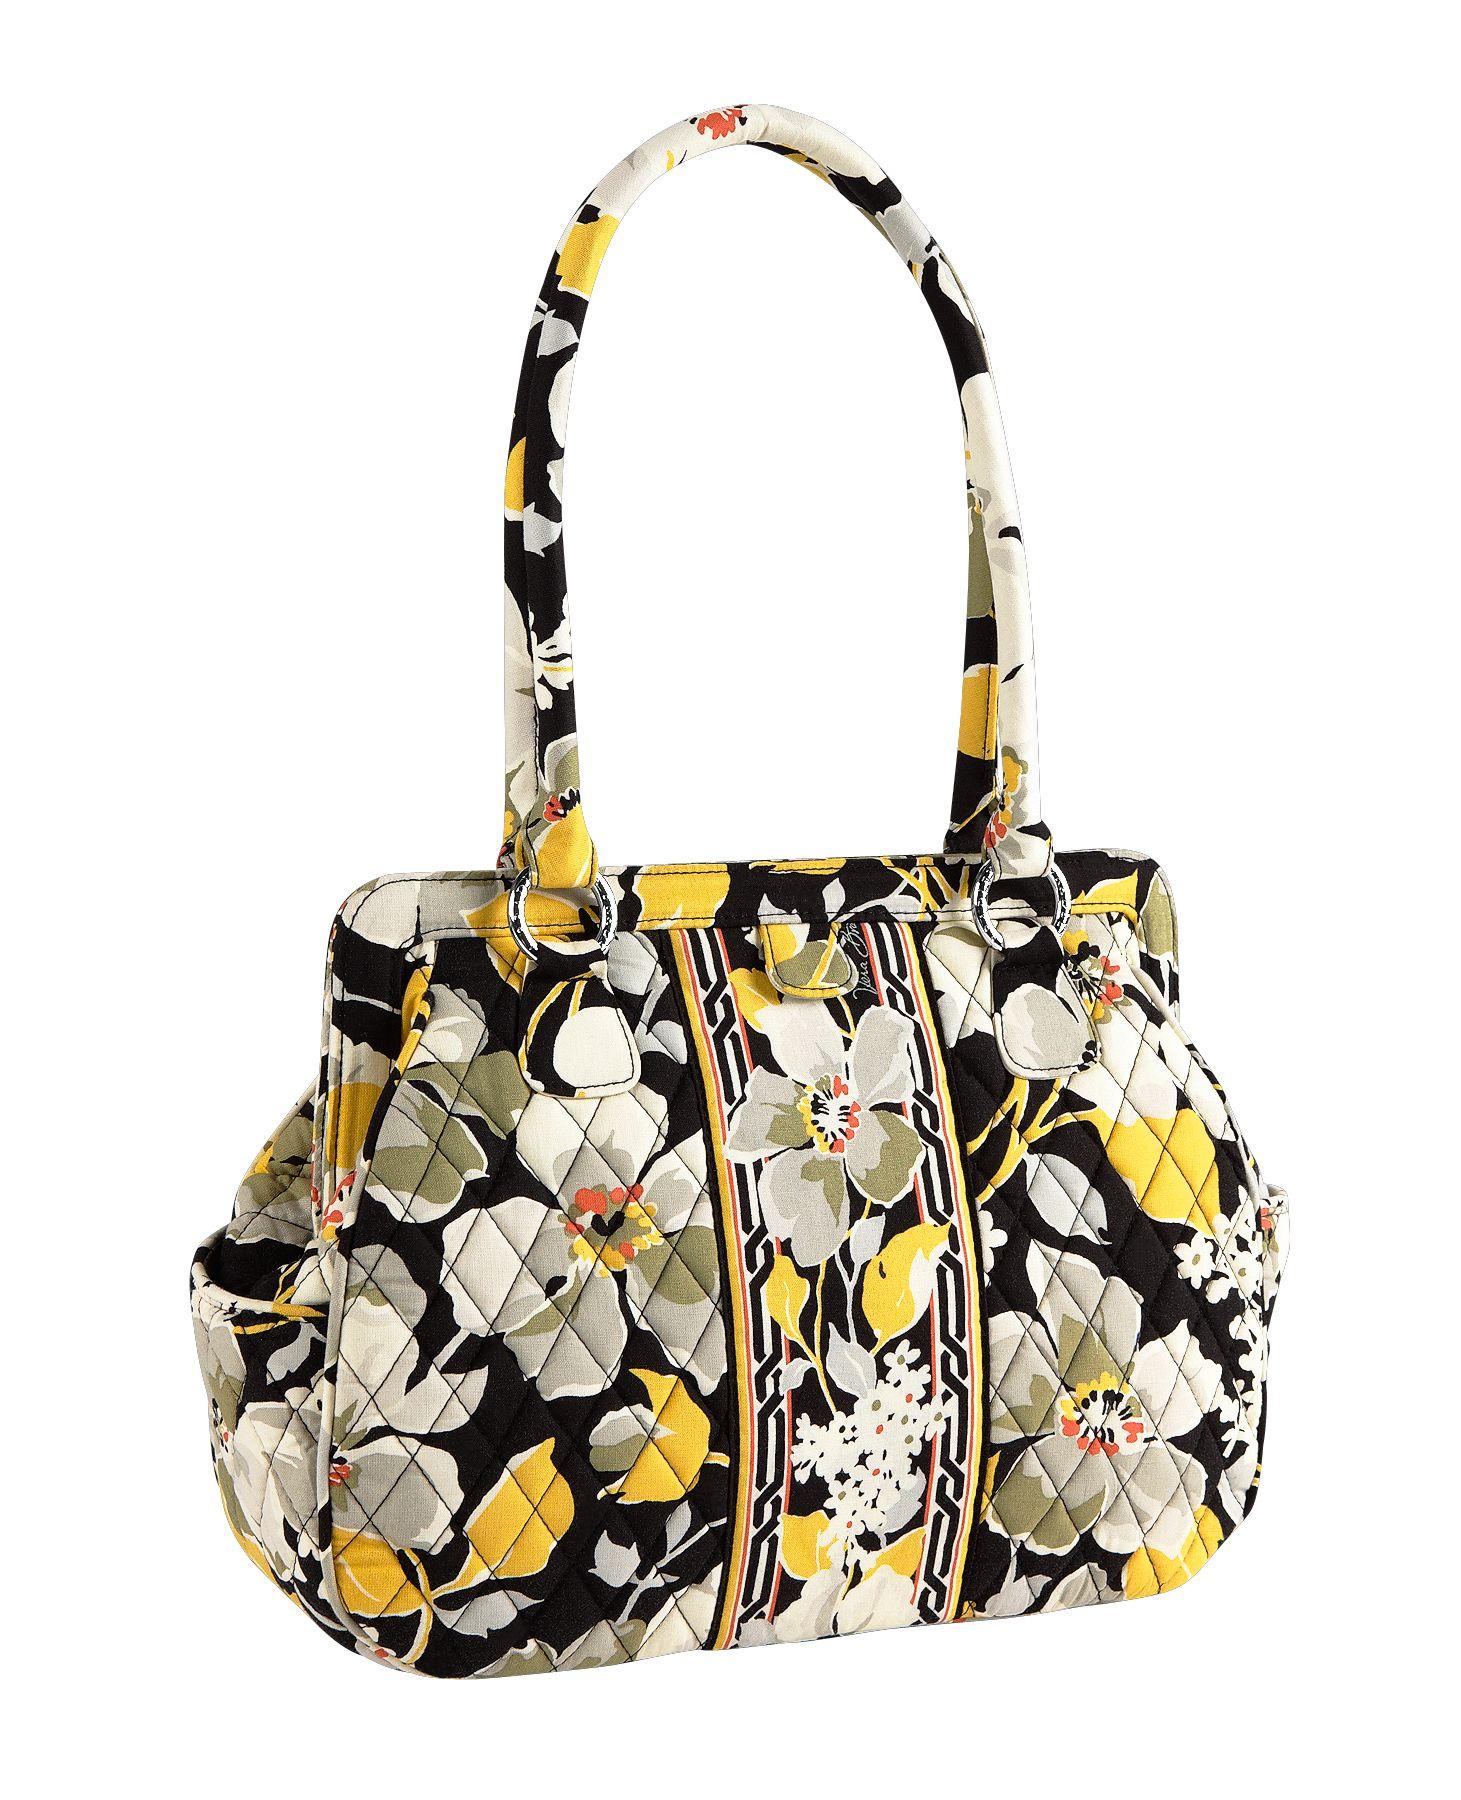 Vera Bradley Frame Bag Satchel | eBay